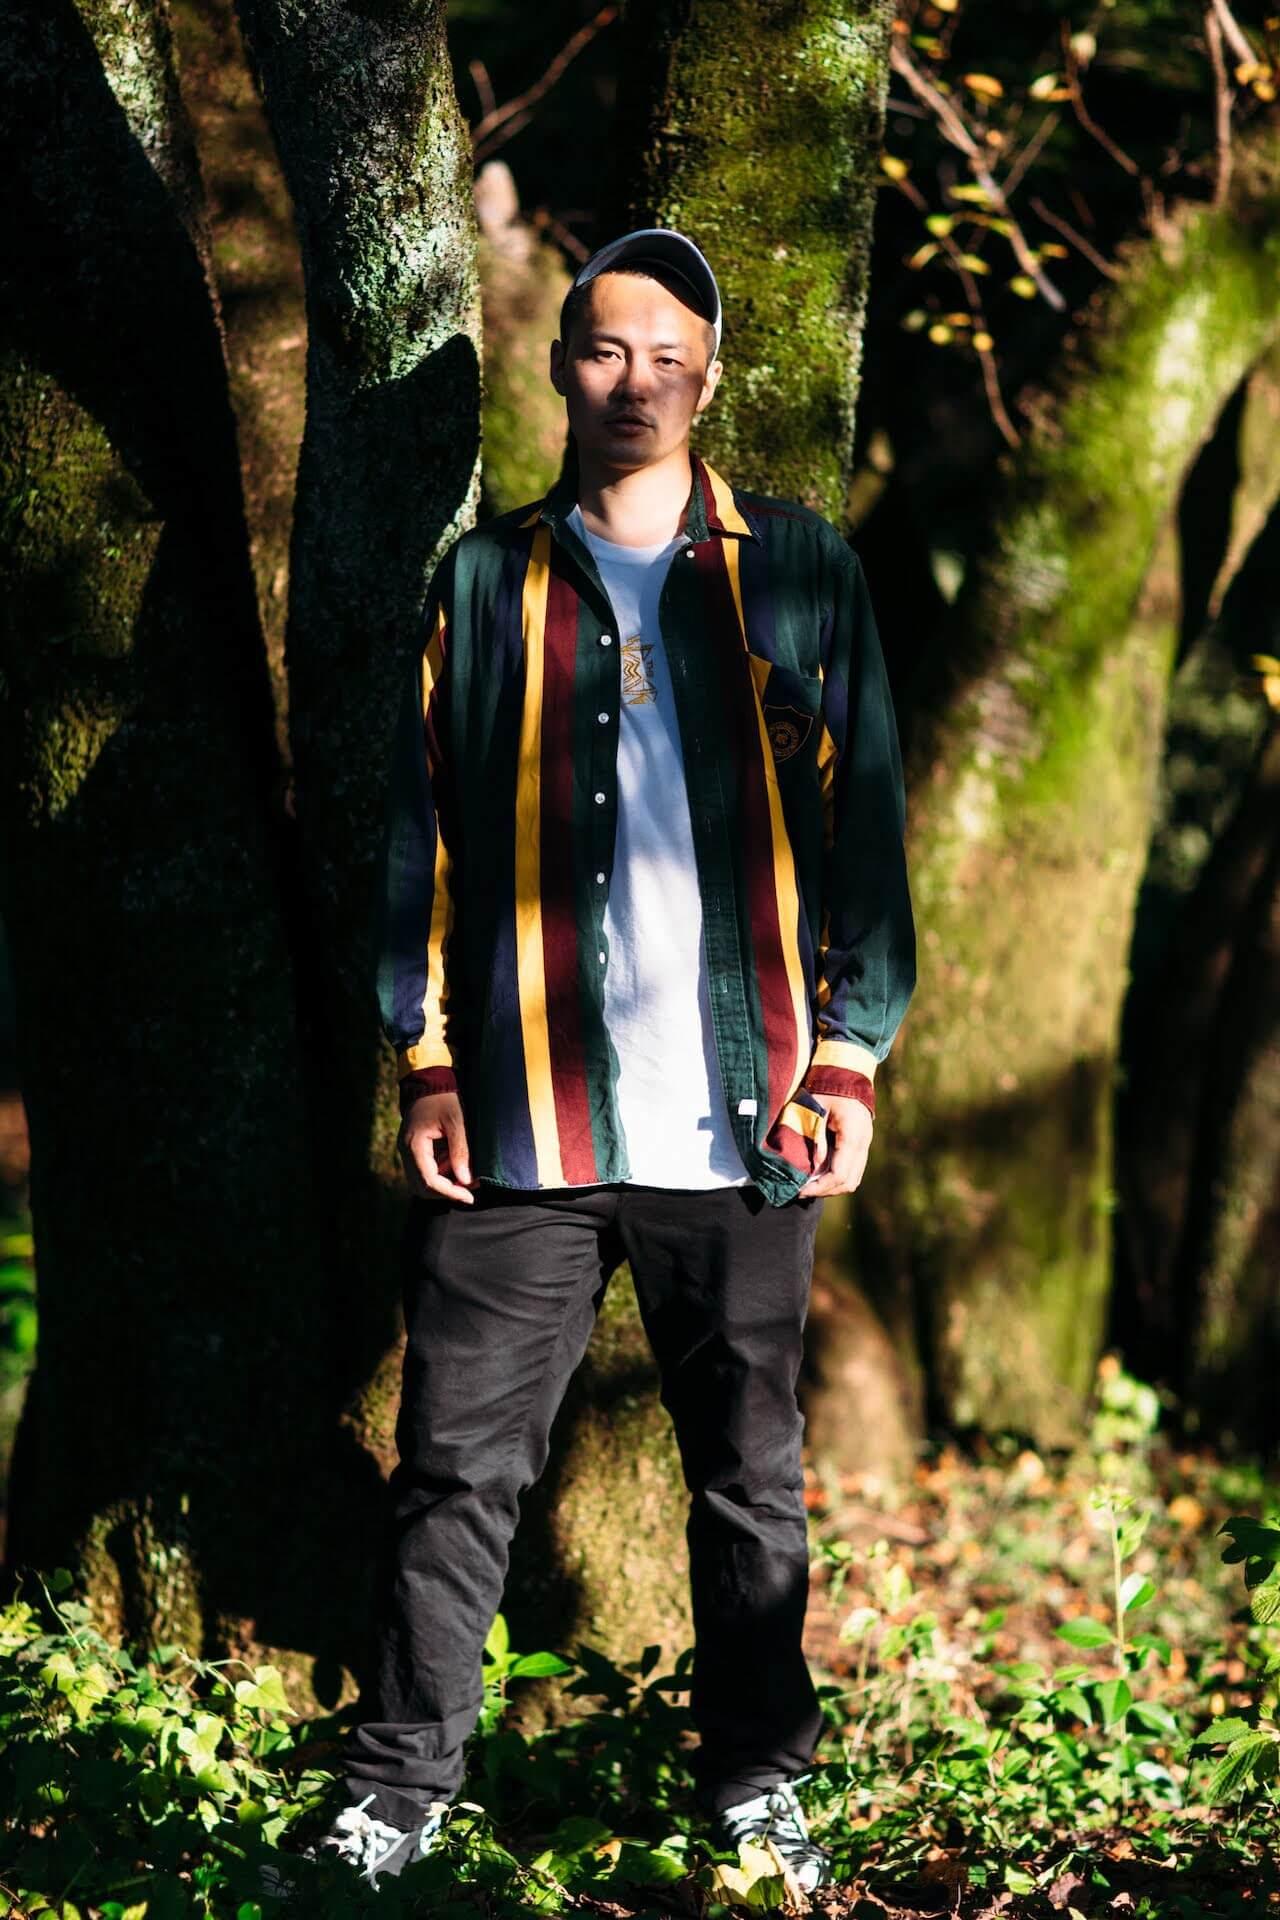 KMCが新作EPを来週配信リリース プロデューサーにSTUTS、VOLOJZAら、客演にMETEORが参加 music210107-kmc-1